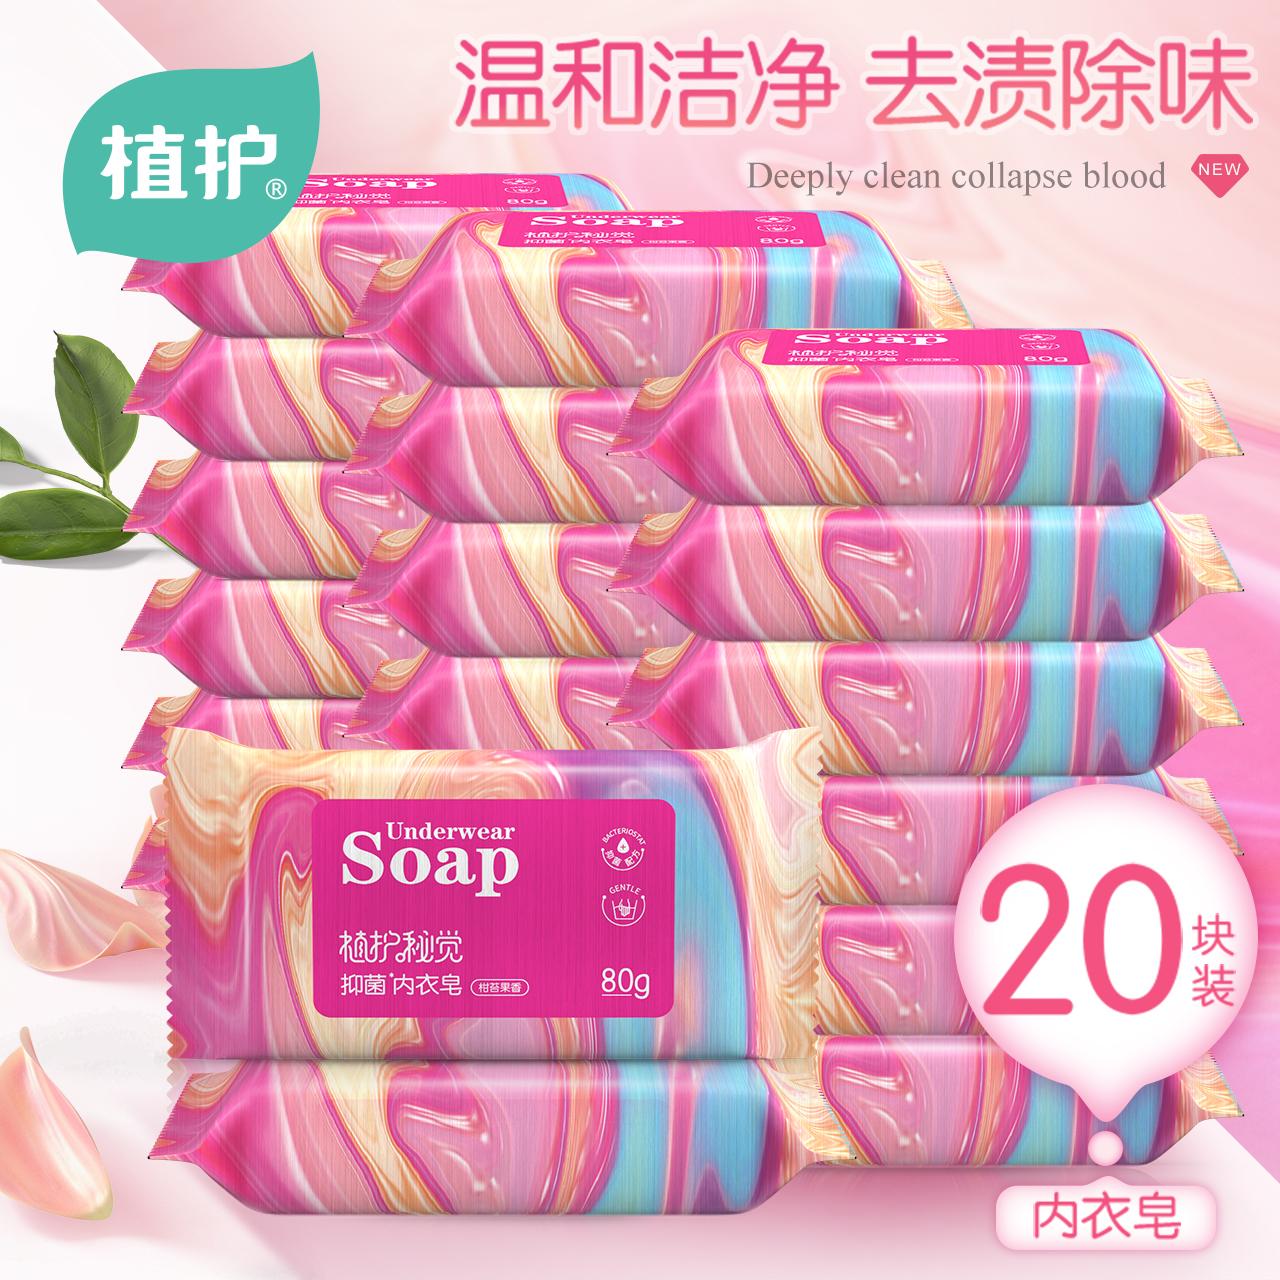 植护内衣专用皂清洗皂抑菌去血渍肥皂洗衣皂20块男女士洗内裤皂